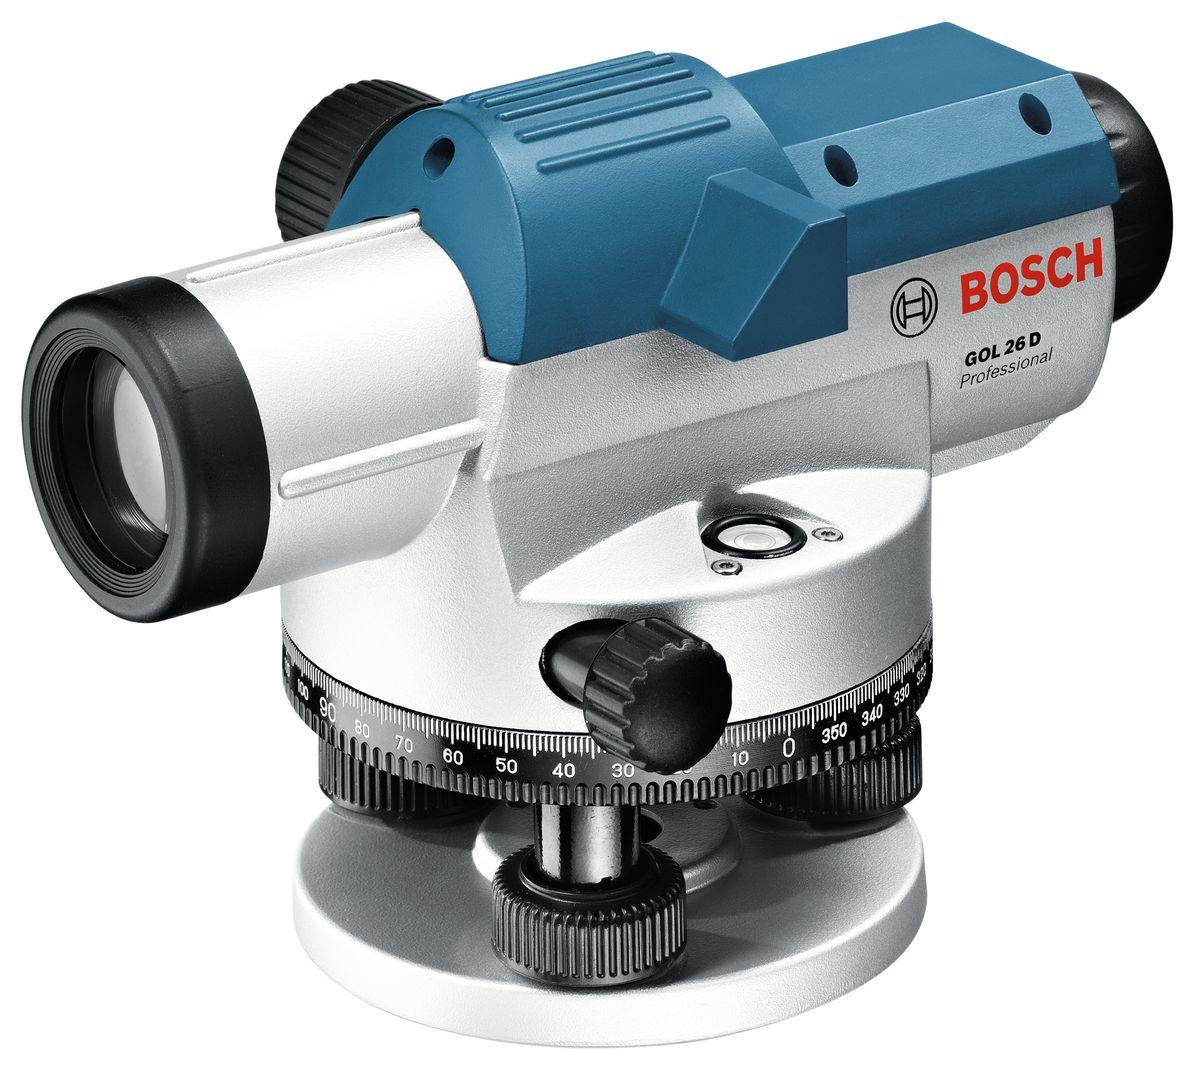 Оптический нивелир Bosch GOL 26AF-3401Технические характеристики Визир для грубого выравнивания Пентапризма для удобного контроля за сферическим уровнем Большая кнопка фокусировки для простого выравнивания Светосильный объектив для четкого прицеливания измерительной рейки Высокая точность (1,6 мм/30 м) при измерениях на больших расстояниях Бесконечный фрикционный привод (регулировка угла в градусах) с помощью проскальзывающей муфты с 2-сторонним управлением Вертикальное изображение Единица измерения 360 градусов Увеличение 26x Точность нивелирования 1,6 мм на 30 м Рабочий диапазон до 100 м Защита от пыли и водяных брызг IP 54 Резьба штатива 5/8 Комплектация: Ключ с внутренним шестигранником Отвес Комплект юстировочных инструментов Бленда Кейс